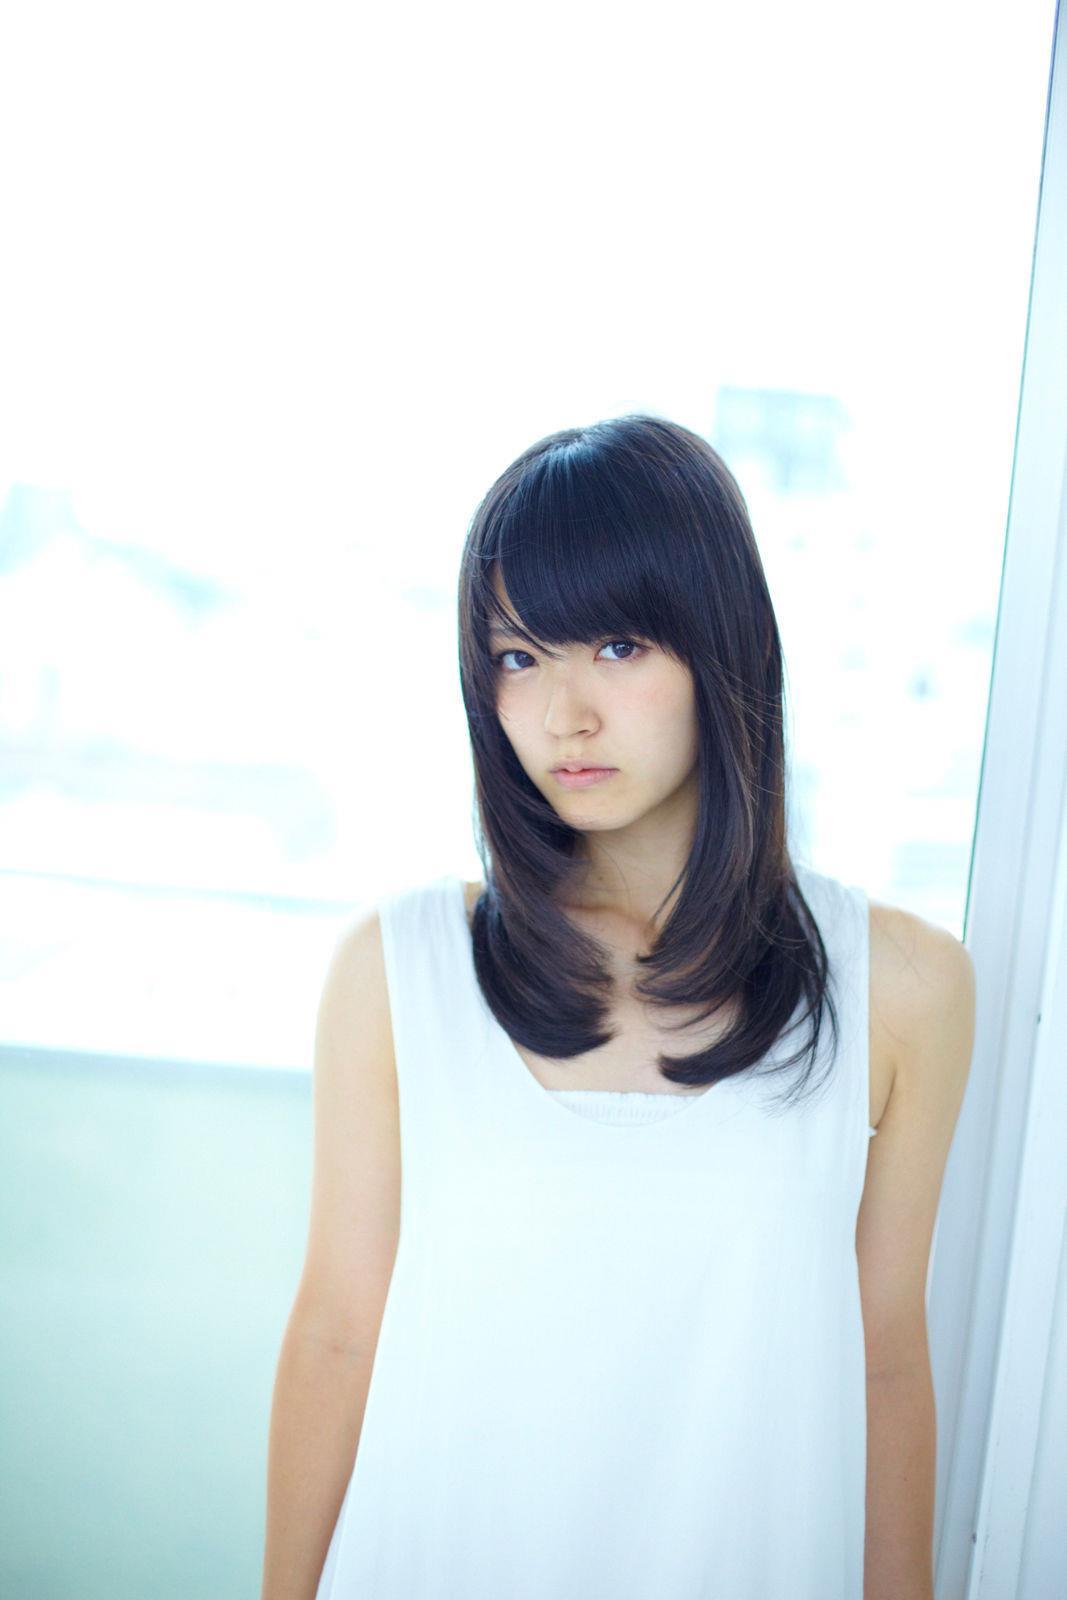 鈴木愛理(℃-ute) セクシー画像 26